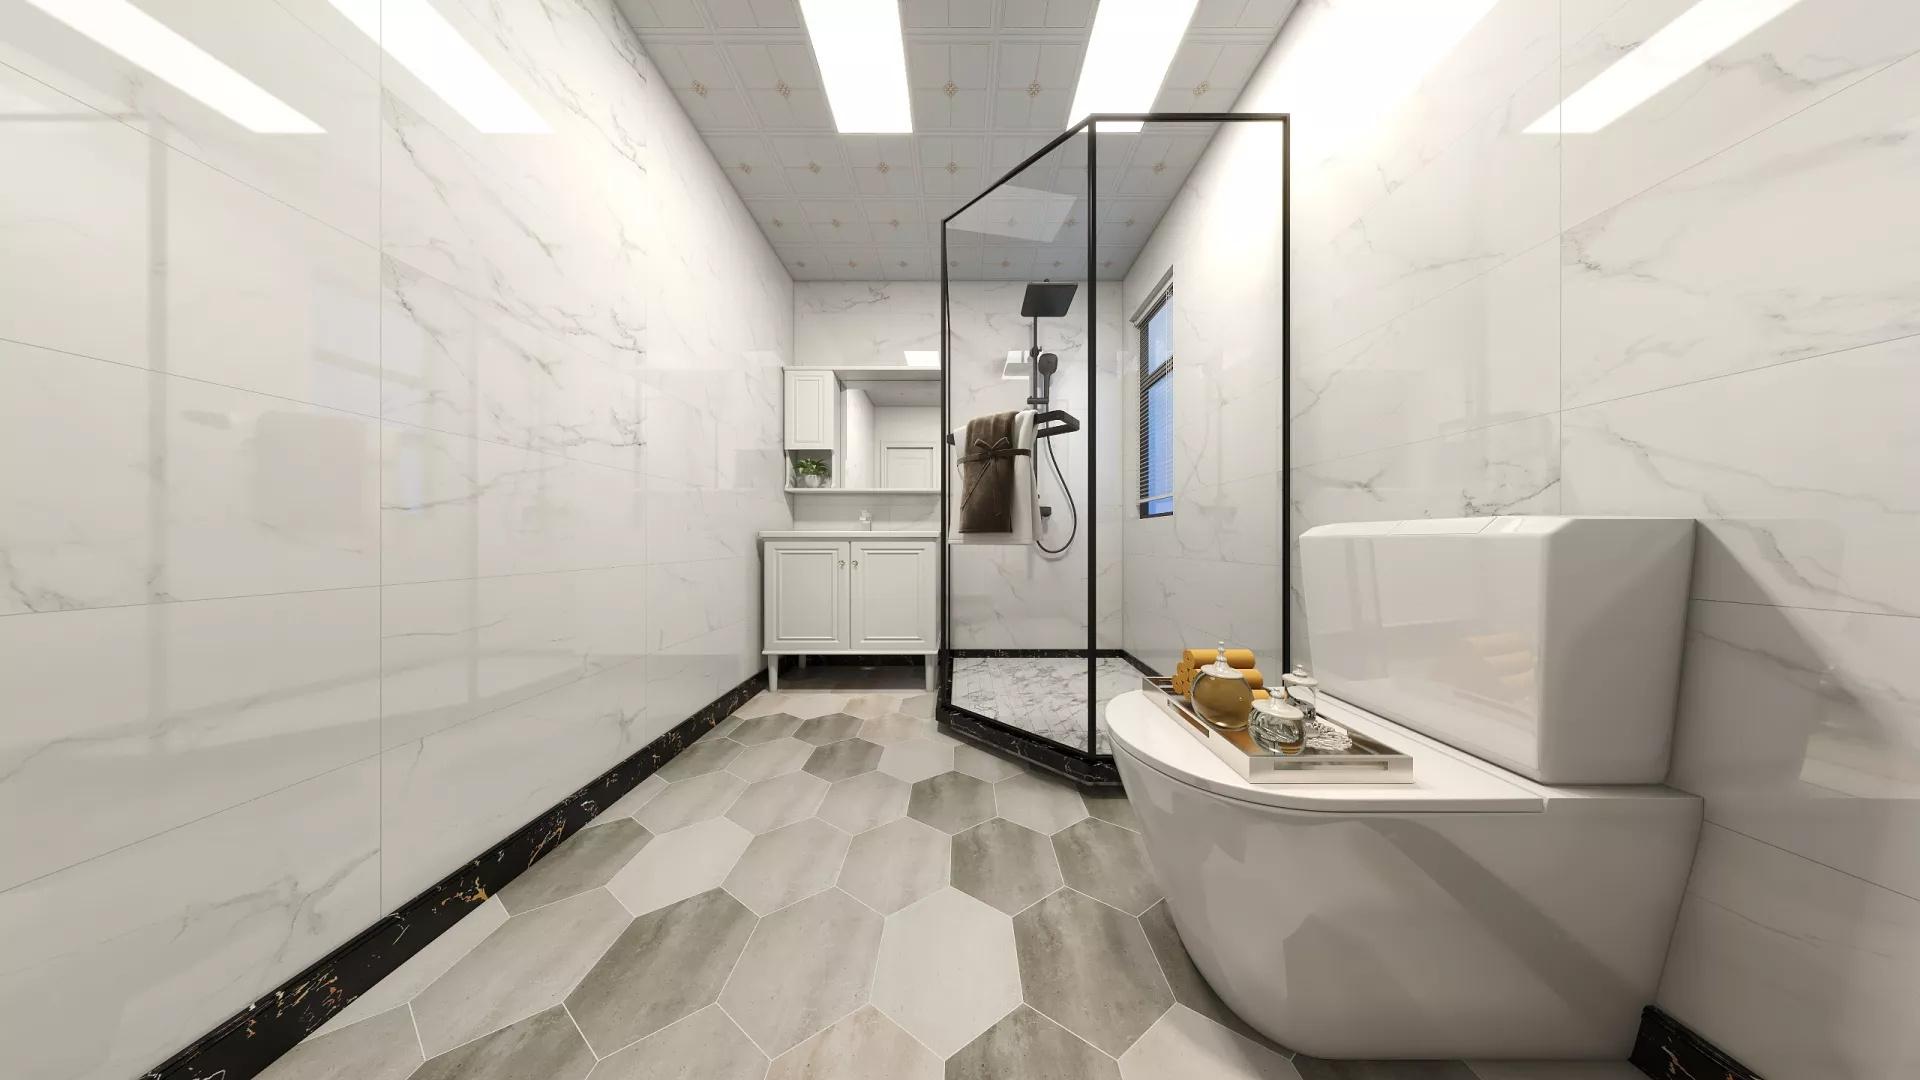 为了避免卫生间瓷砖脱落,需要做哪些准备